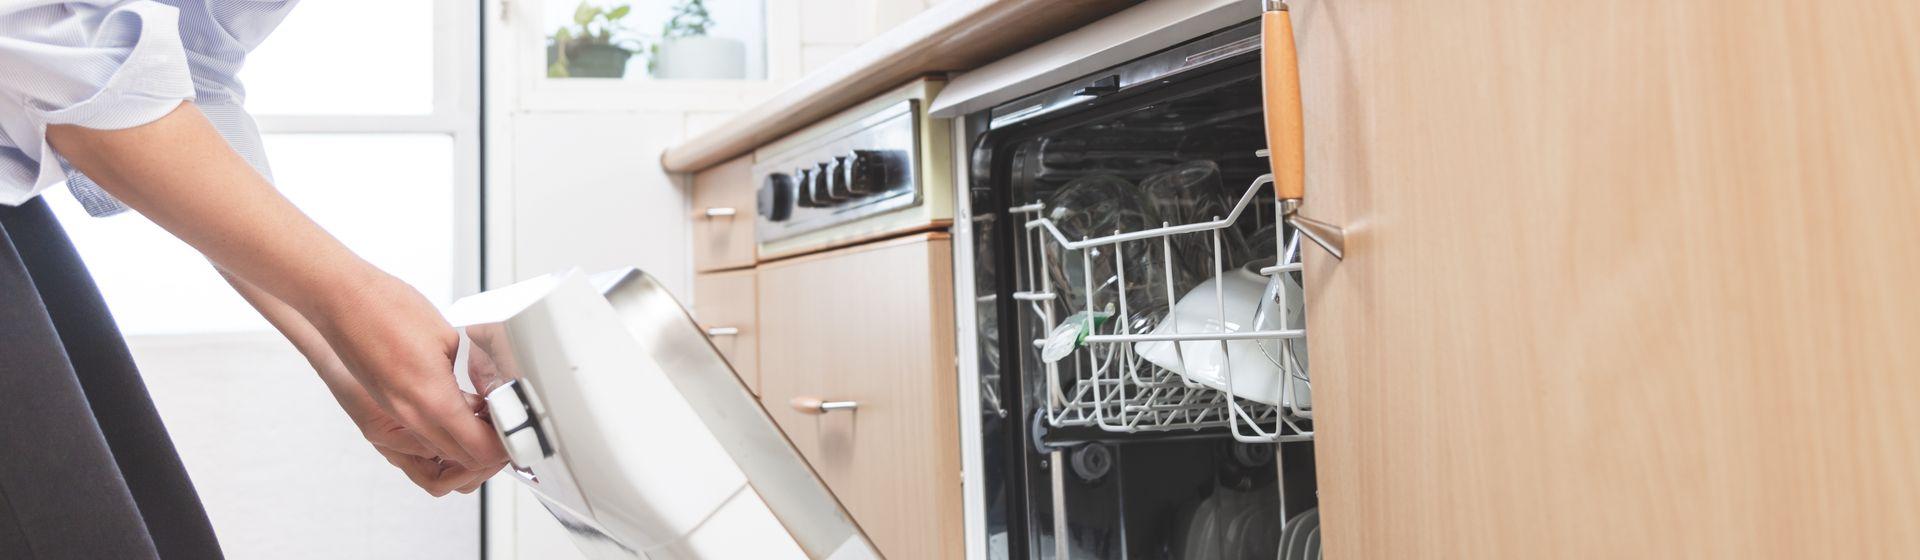 Como instalar lava-louças: passo a passo da instalação da máquina na cozinha